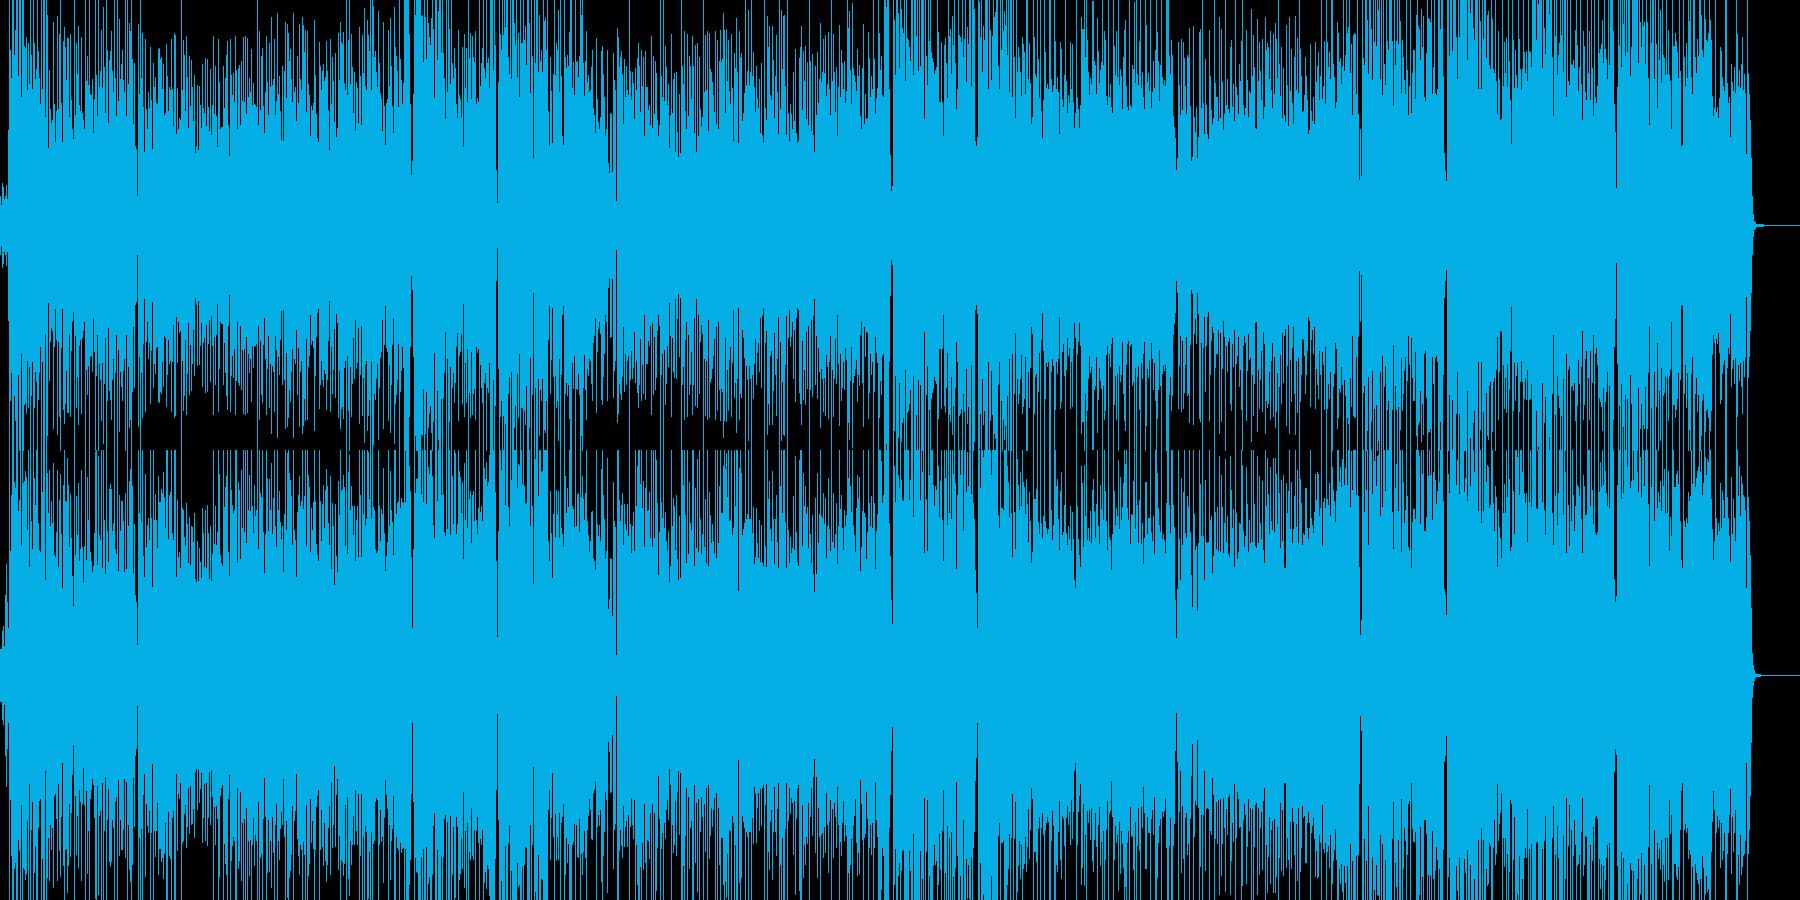 女性ボーカルのアップテンポでジャジーな曲の再生済みの波形